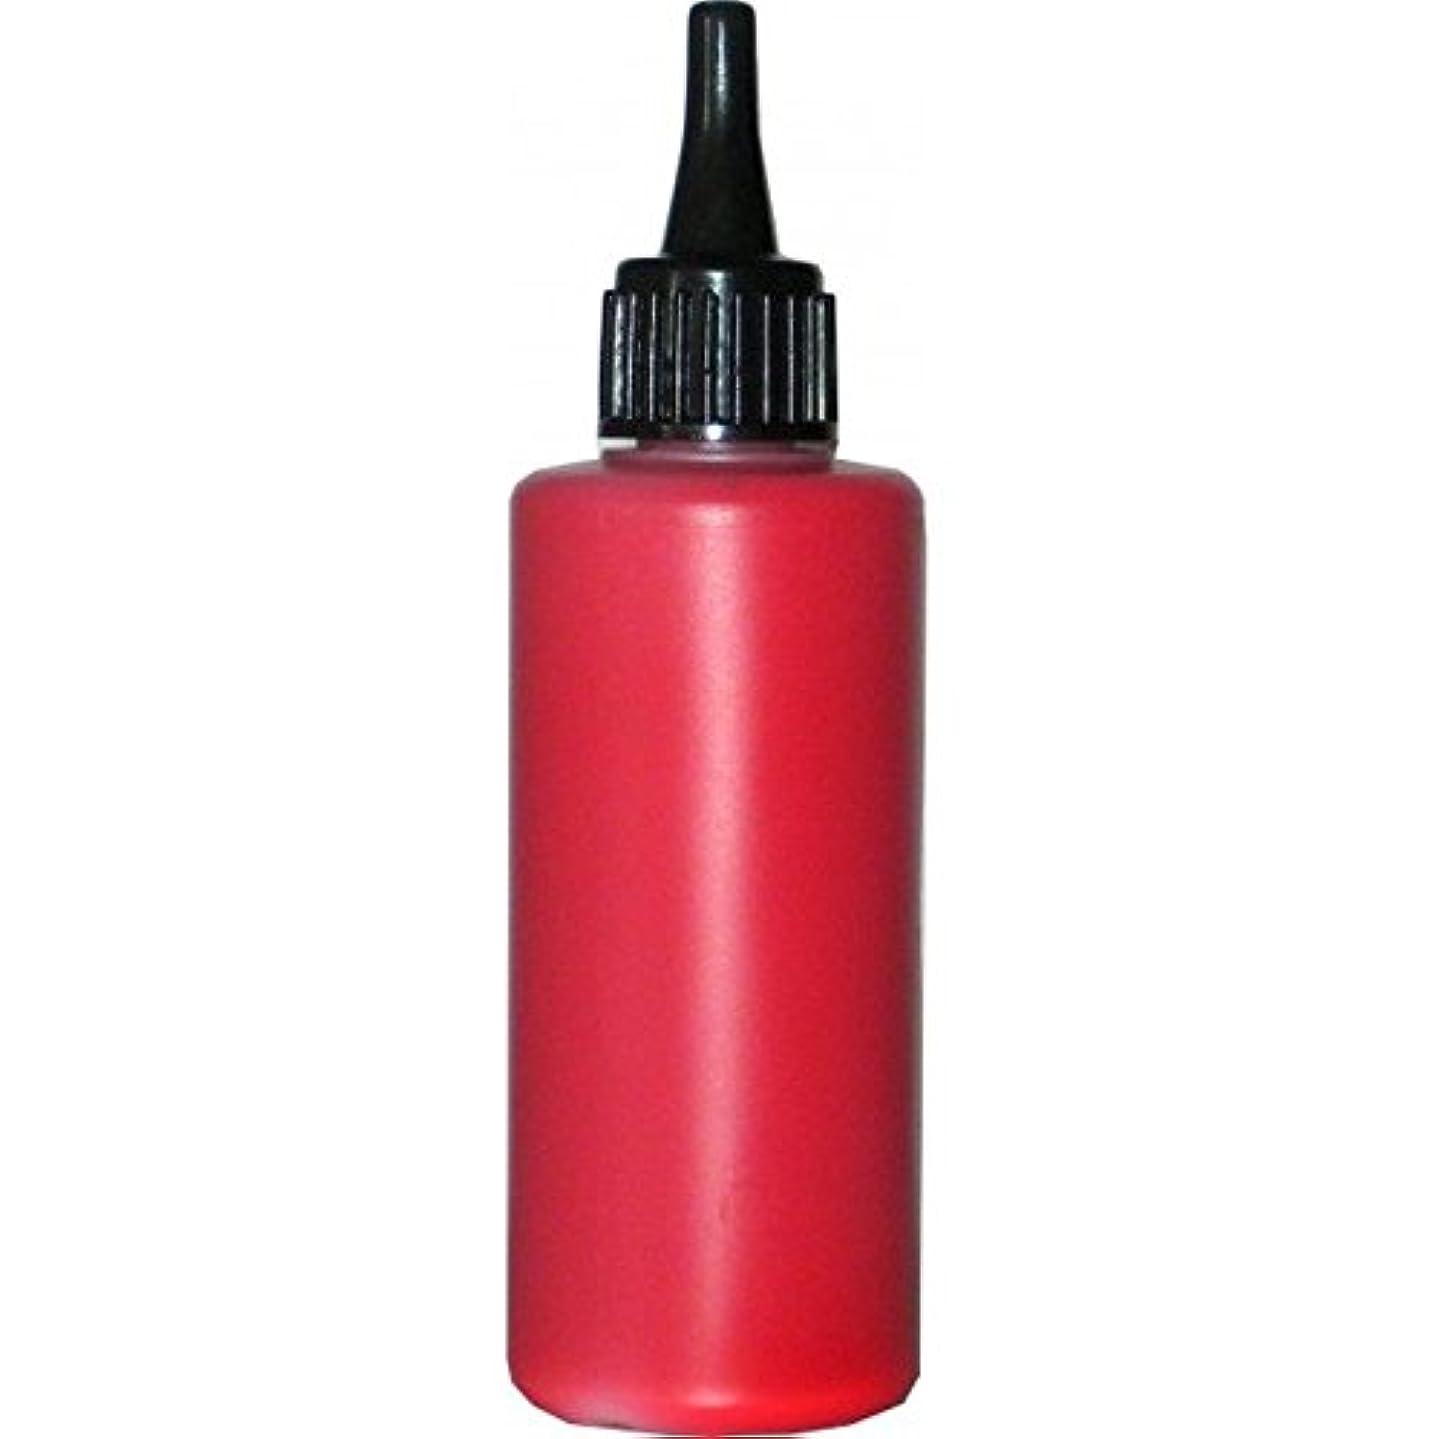 Eulenspiegel Professional Airbrush Paint - 30ml Bottle - Light Red